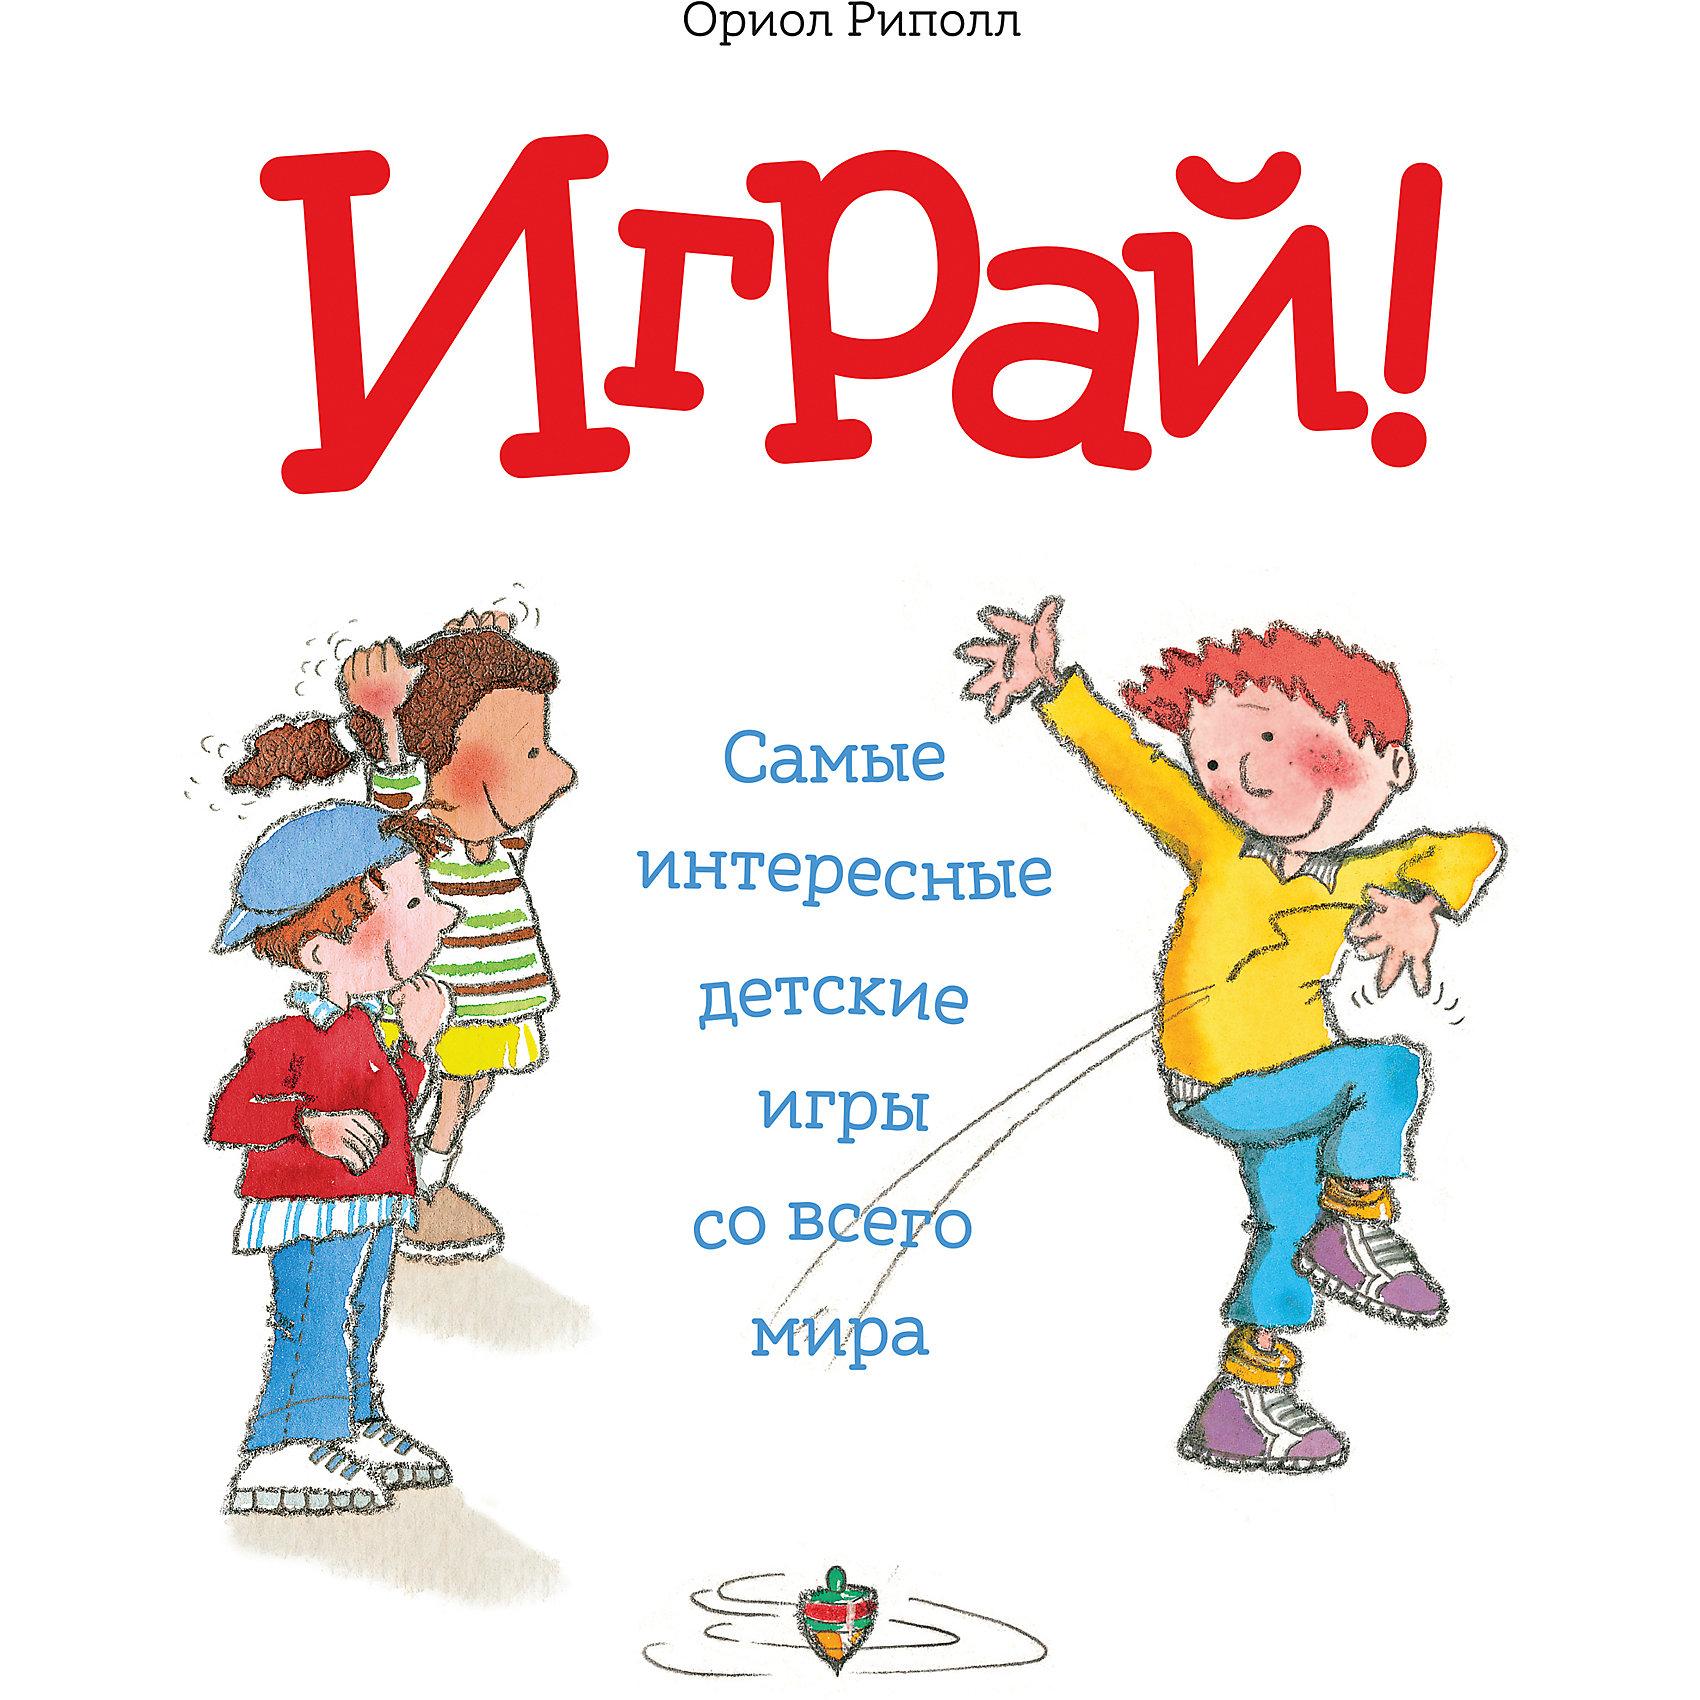 Играй! Самые интересные детские игры со всего мираВ этой книге собрано больше 100 детских игр со всей планеты - настольные и уличные, активные и спокойные, веселые и серьезные. Все они учат общаться, развивают речь и воображение, логическое мышление. <br>Яркие иллюстрации, подробные и понятные правила, точное описание необходимых подручных материалов, отдельно прорисованные доски для игр делают книгу очень удобной в использовании.<br><br><br>Ширина мм: 300<br>Глубина мм: 231<br>Высота мм: 180<br>Вес г: 711<br>Возраст от месяцев: 60<br>Возраст до месяцев: 2147483647<br>Пол: Унисекс<br>Возраст: Детский<br>SKU: 5535274